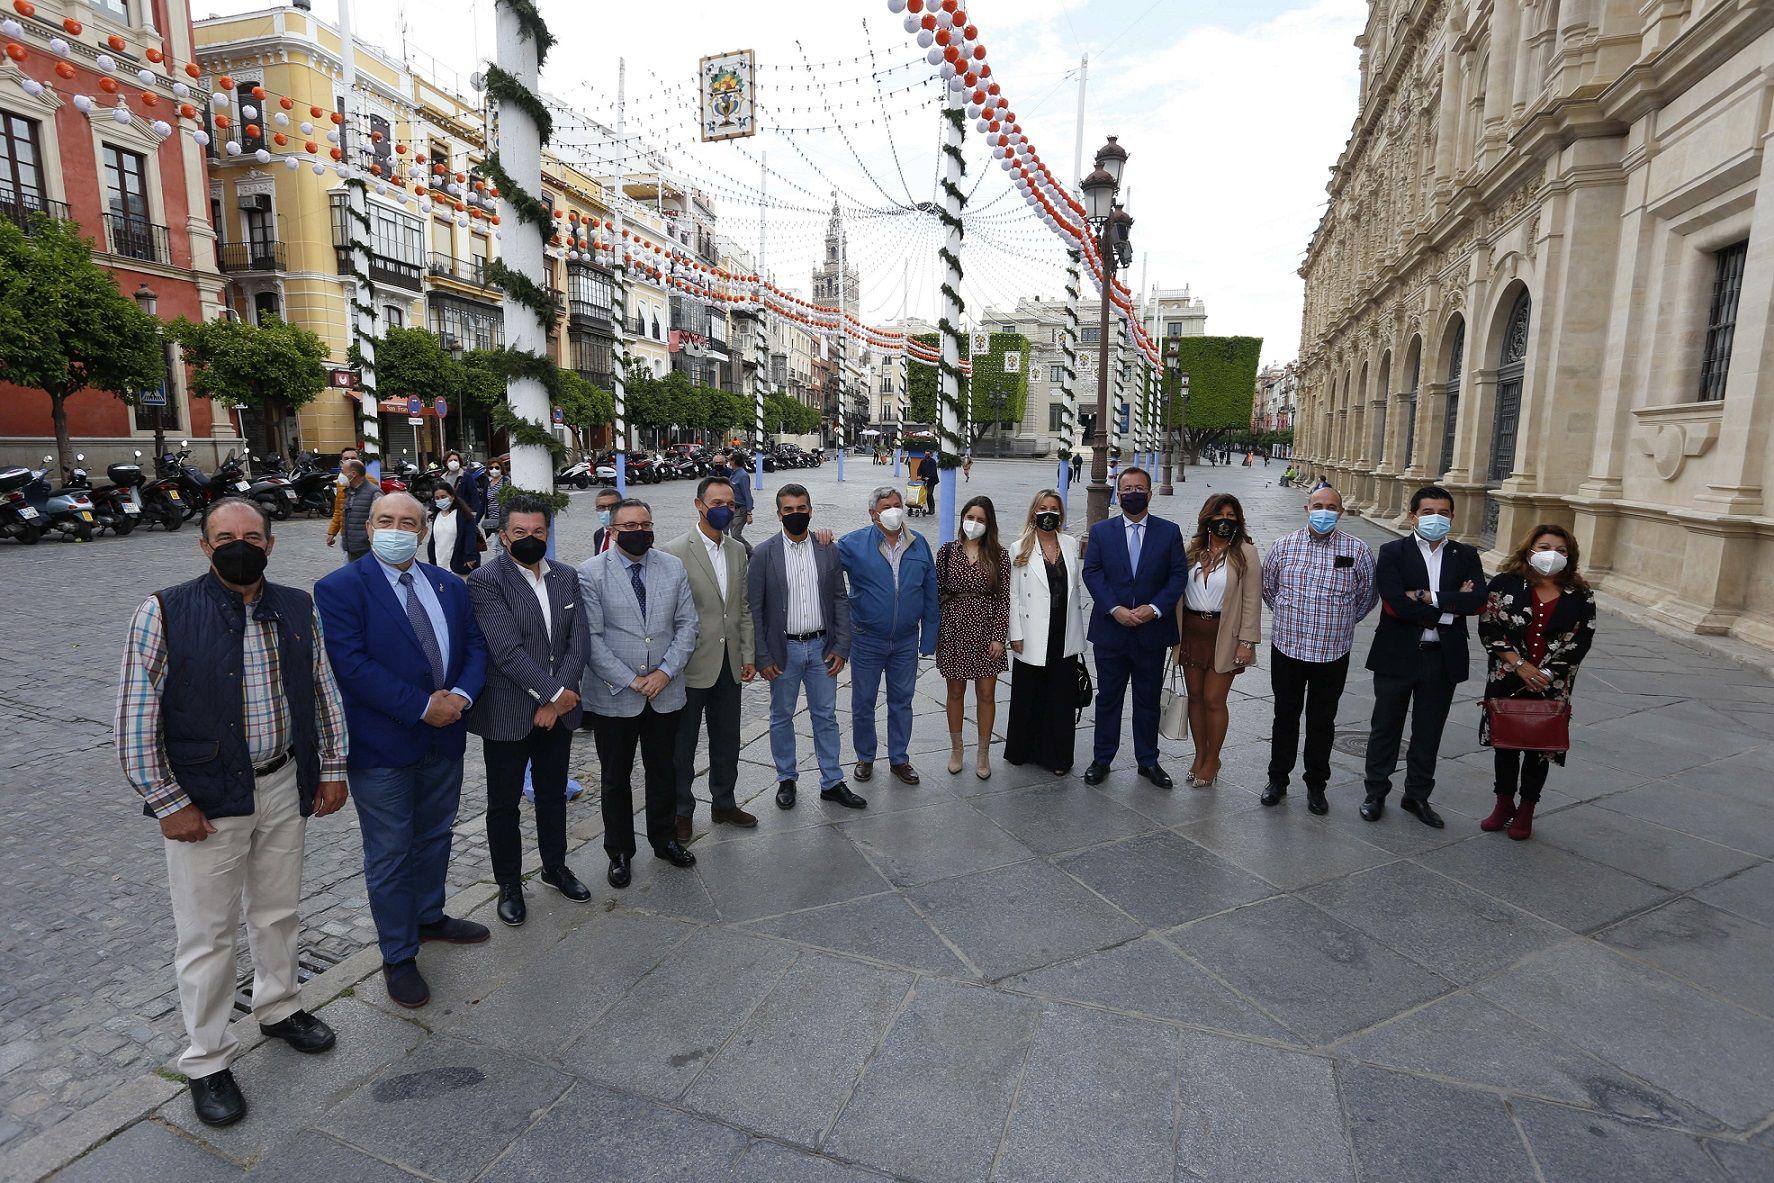 La Banda Sinfónica Municipal de Sevilla ofrece el 'Concierto de Feria' con Las Soles, Los del Guadalquivir,  Somos del Sur y Brumas como invitados